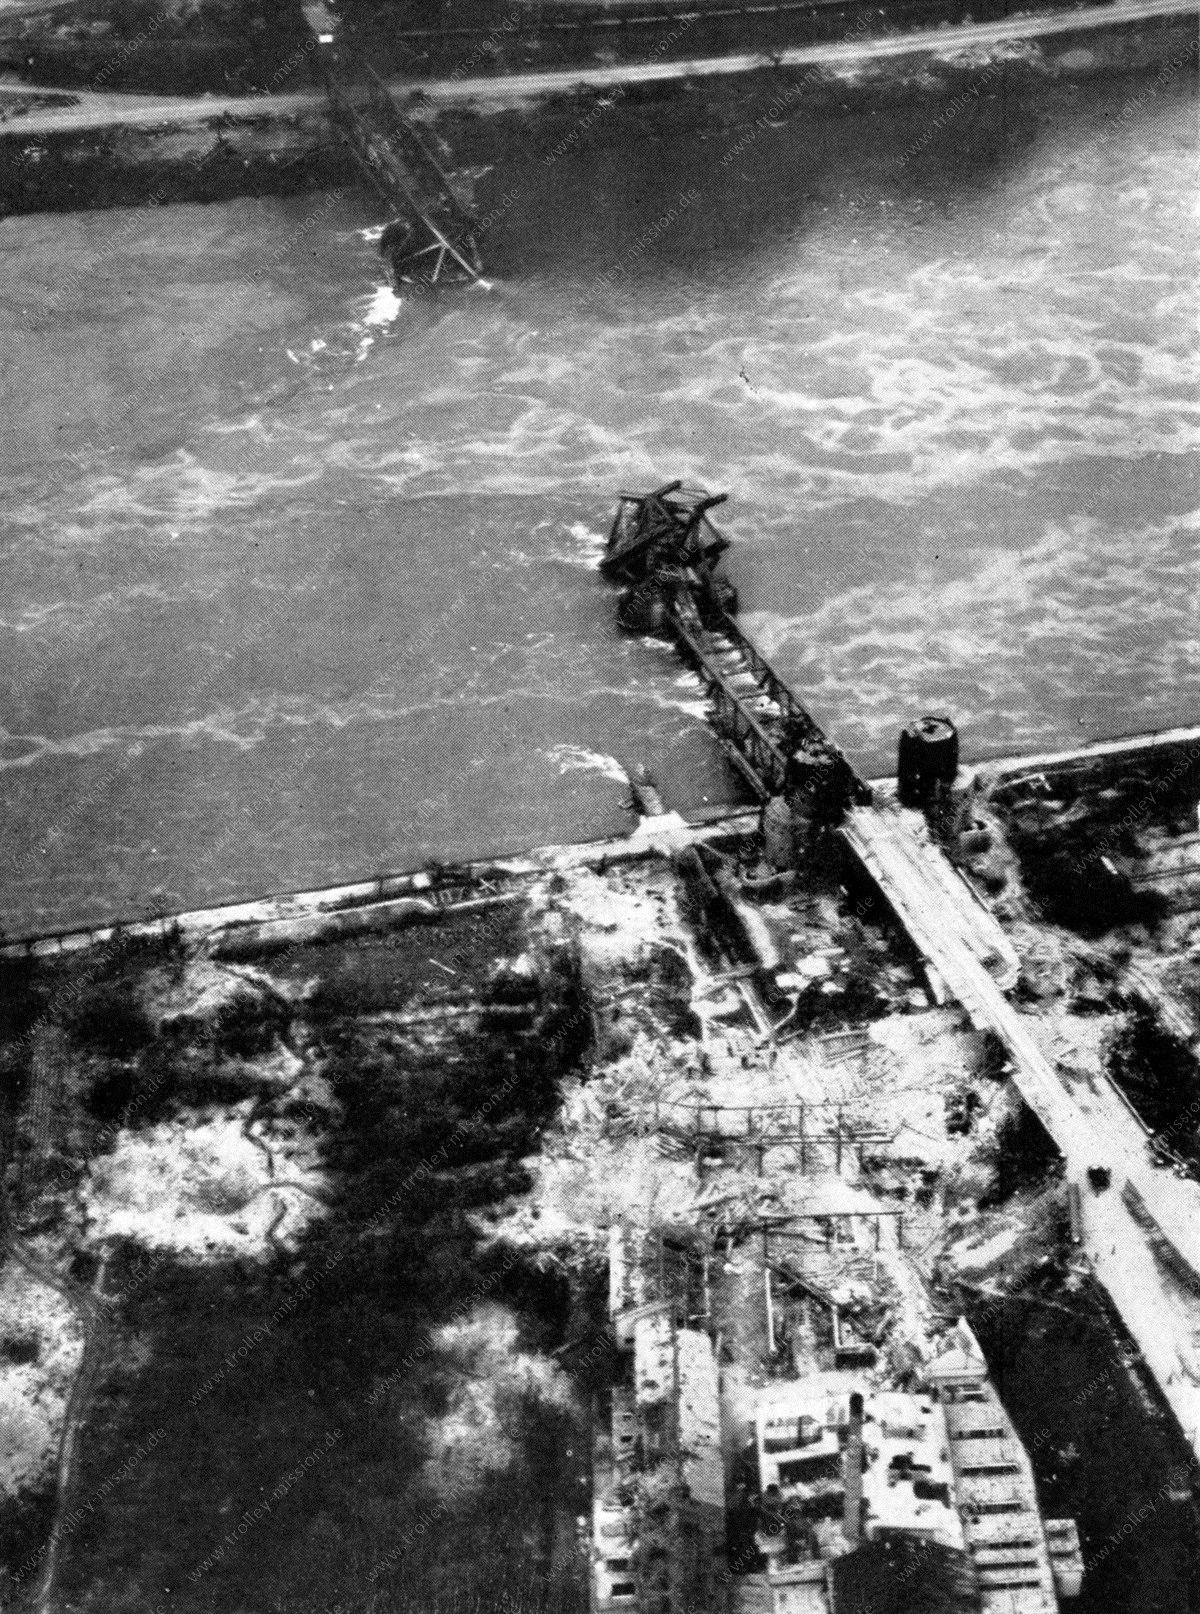 Brücke von Remagen (Ludendorff-Brücke) im Zweiten Weltkrieg